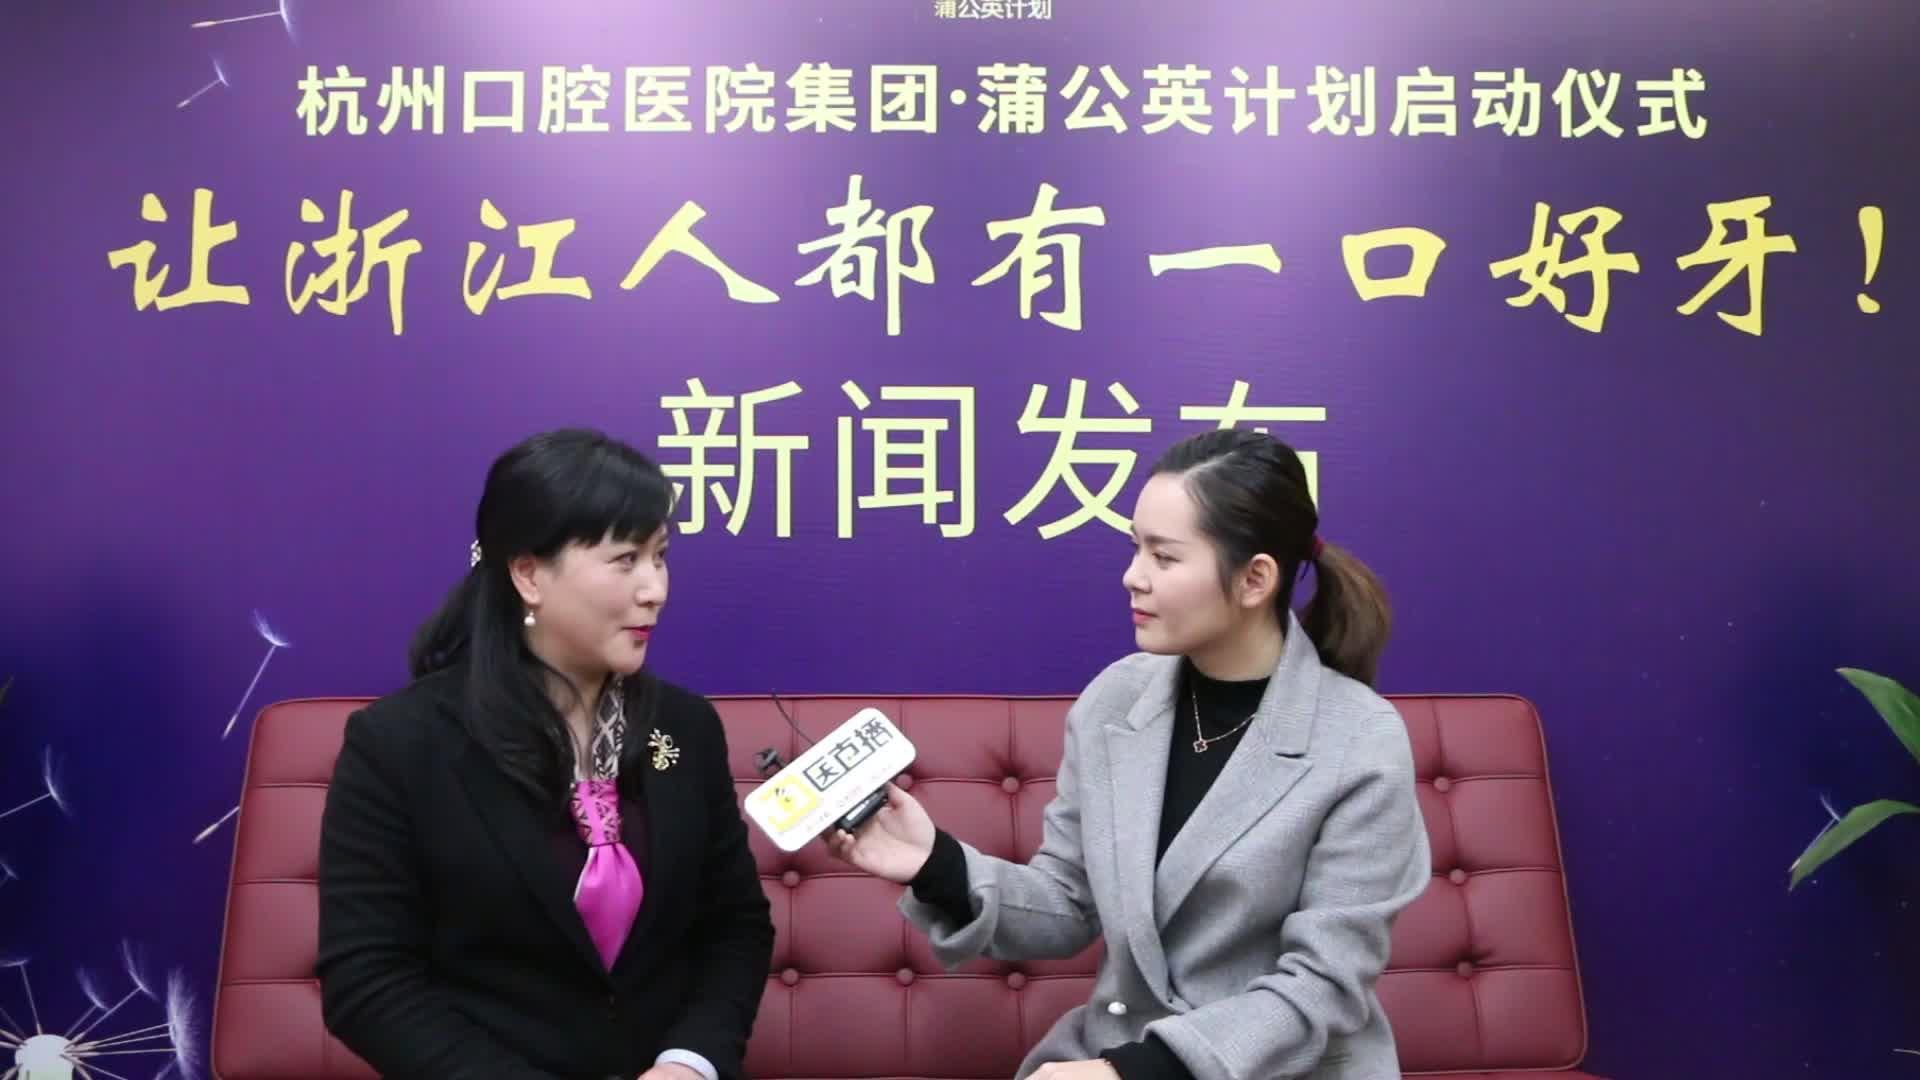 杭州口腔医院集团副院长林海燕图片